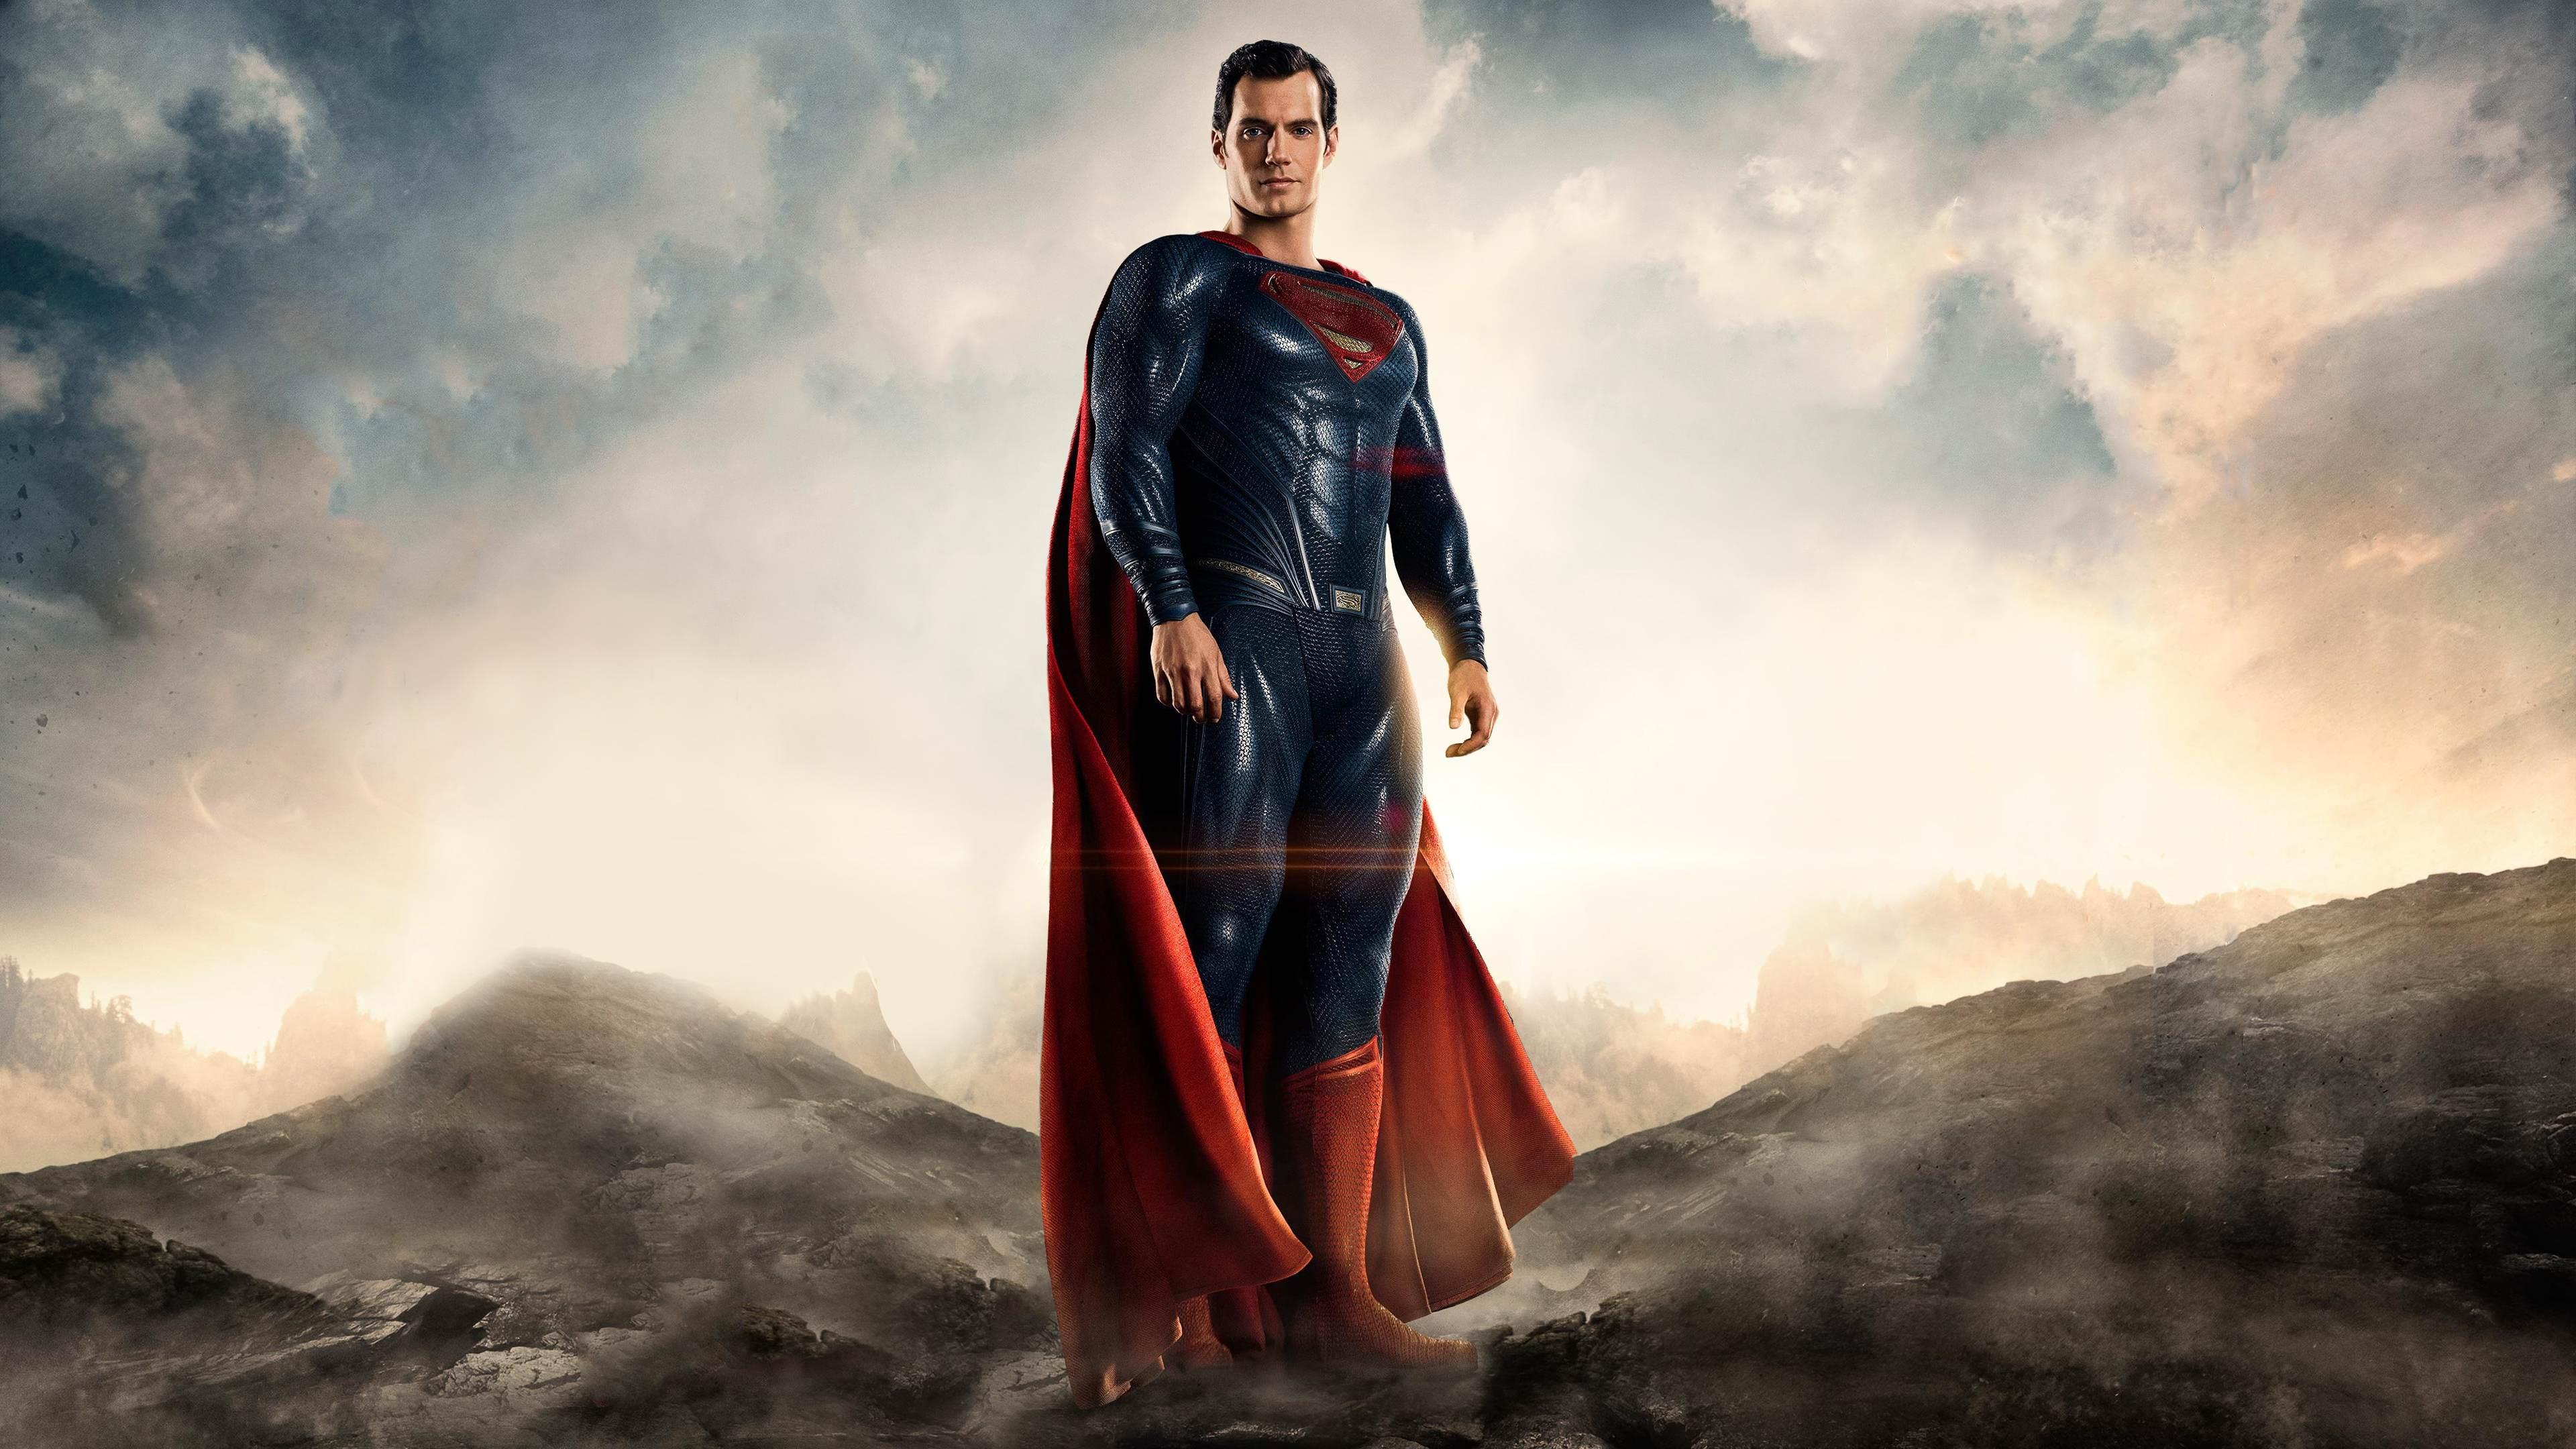 Batman V Superman 4K Wallpaper